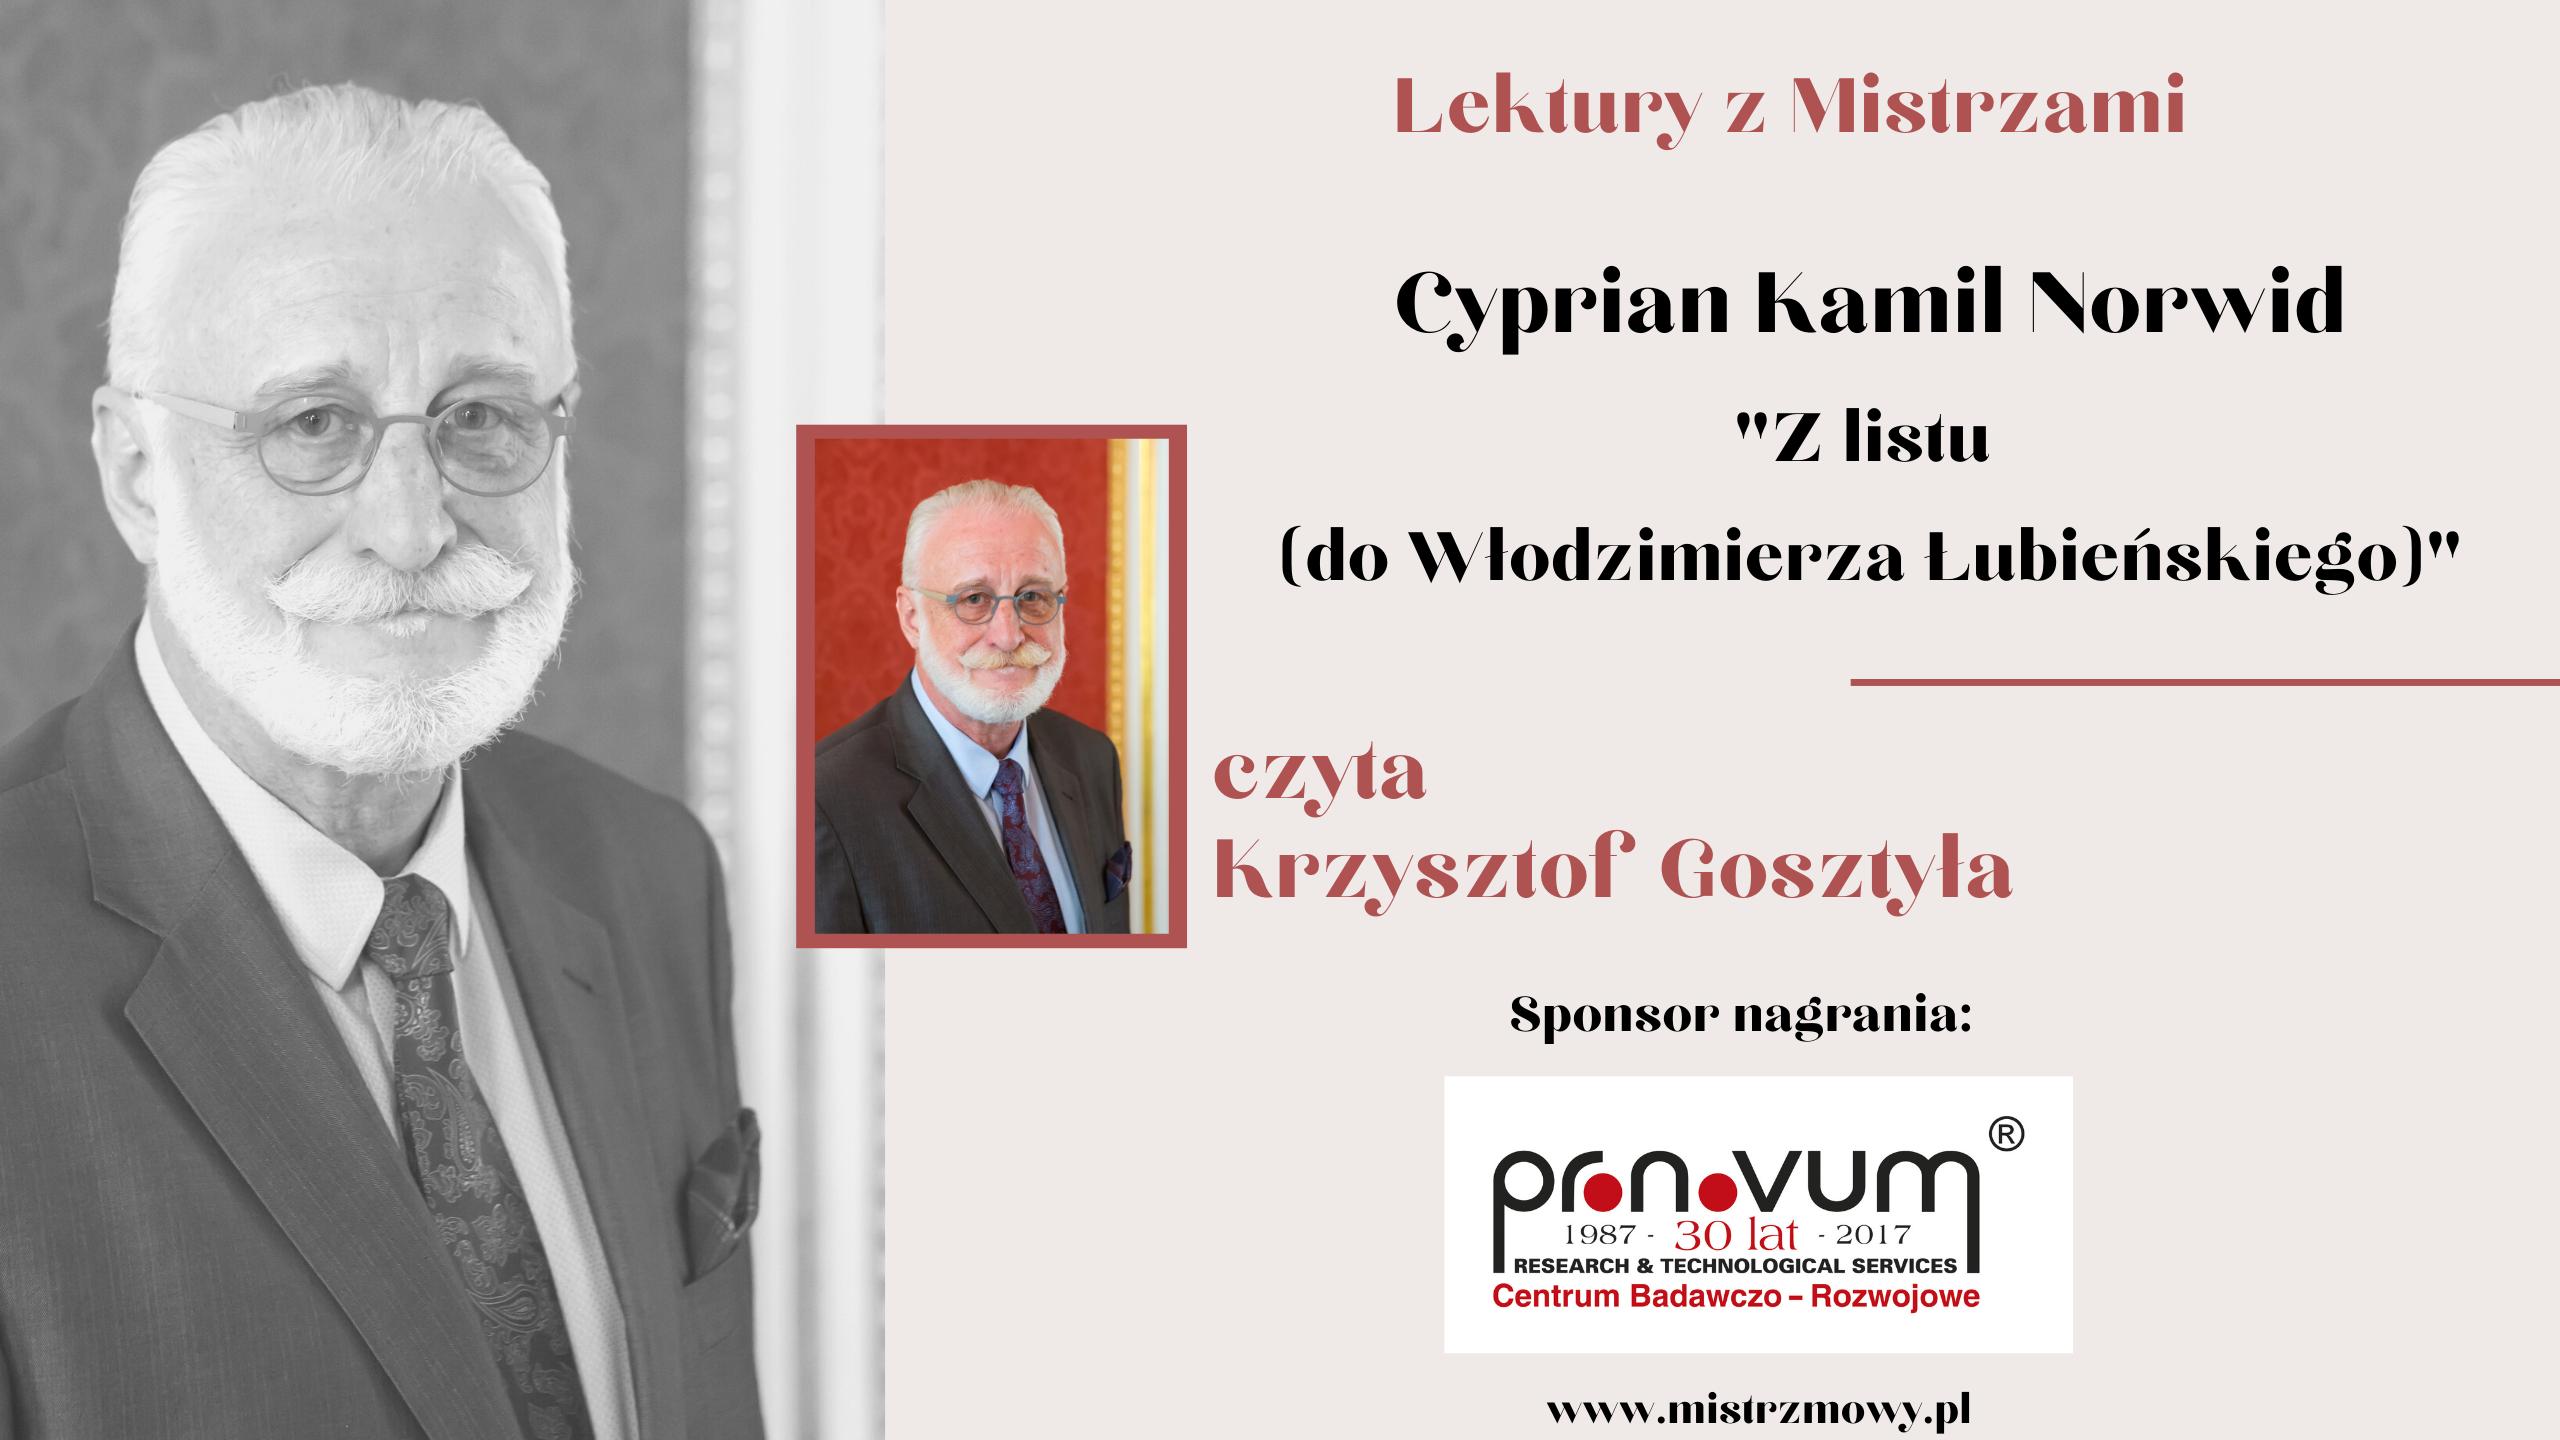 Cyprian Kamil Norwid - Z listu (do W Lubienskiego)